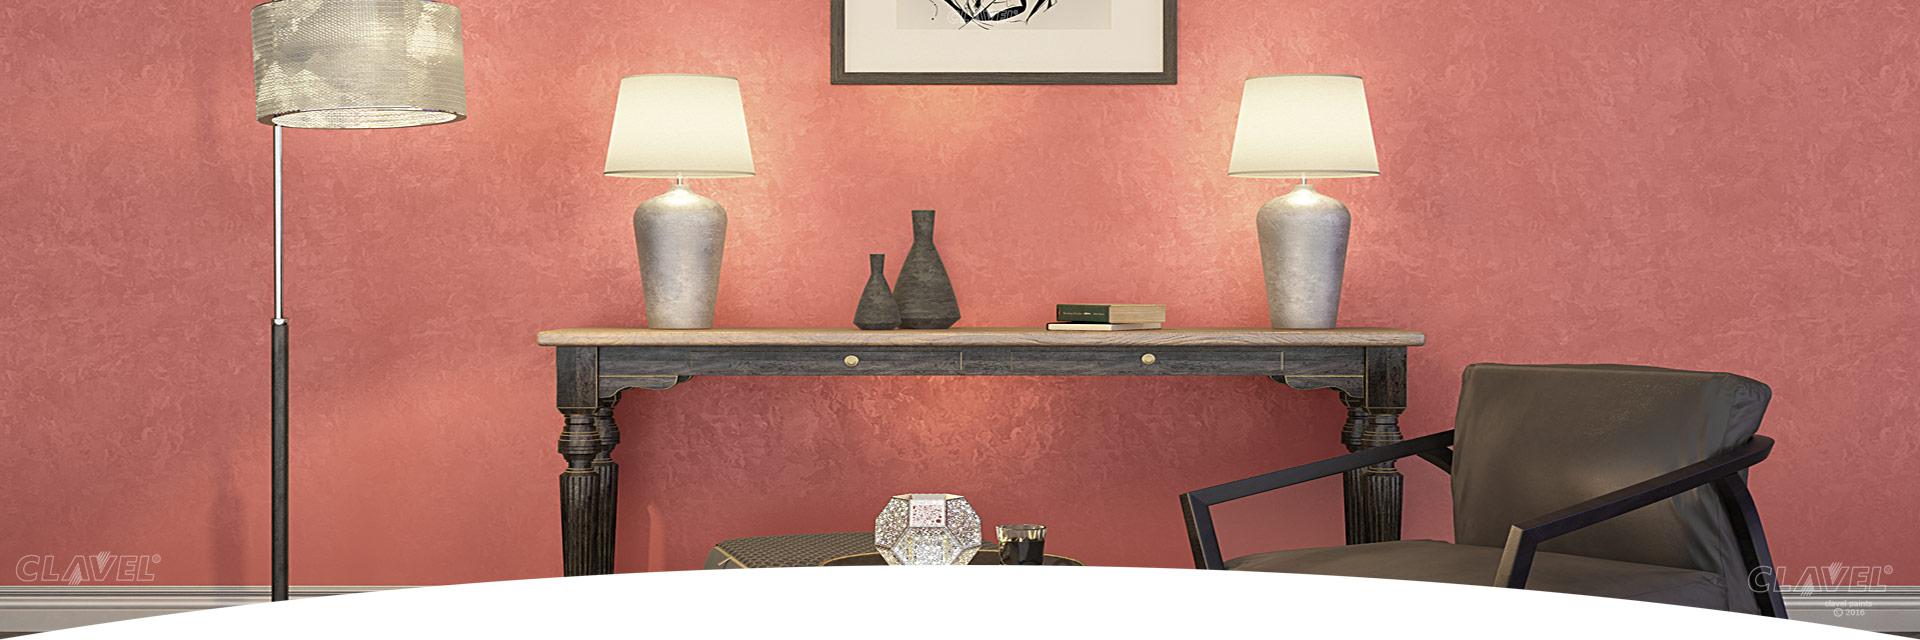 Декоративные краски для интерьеров - каталог эффектов